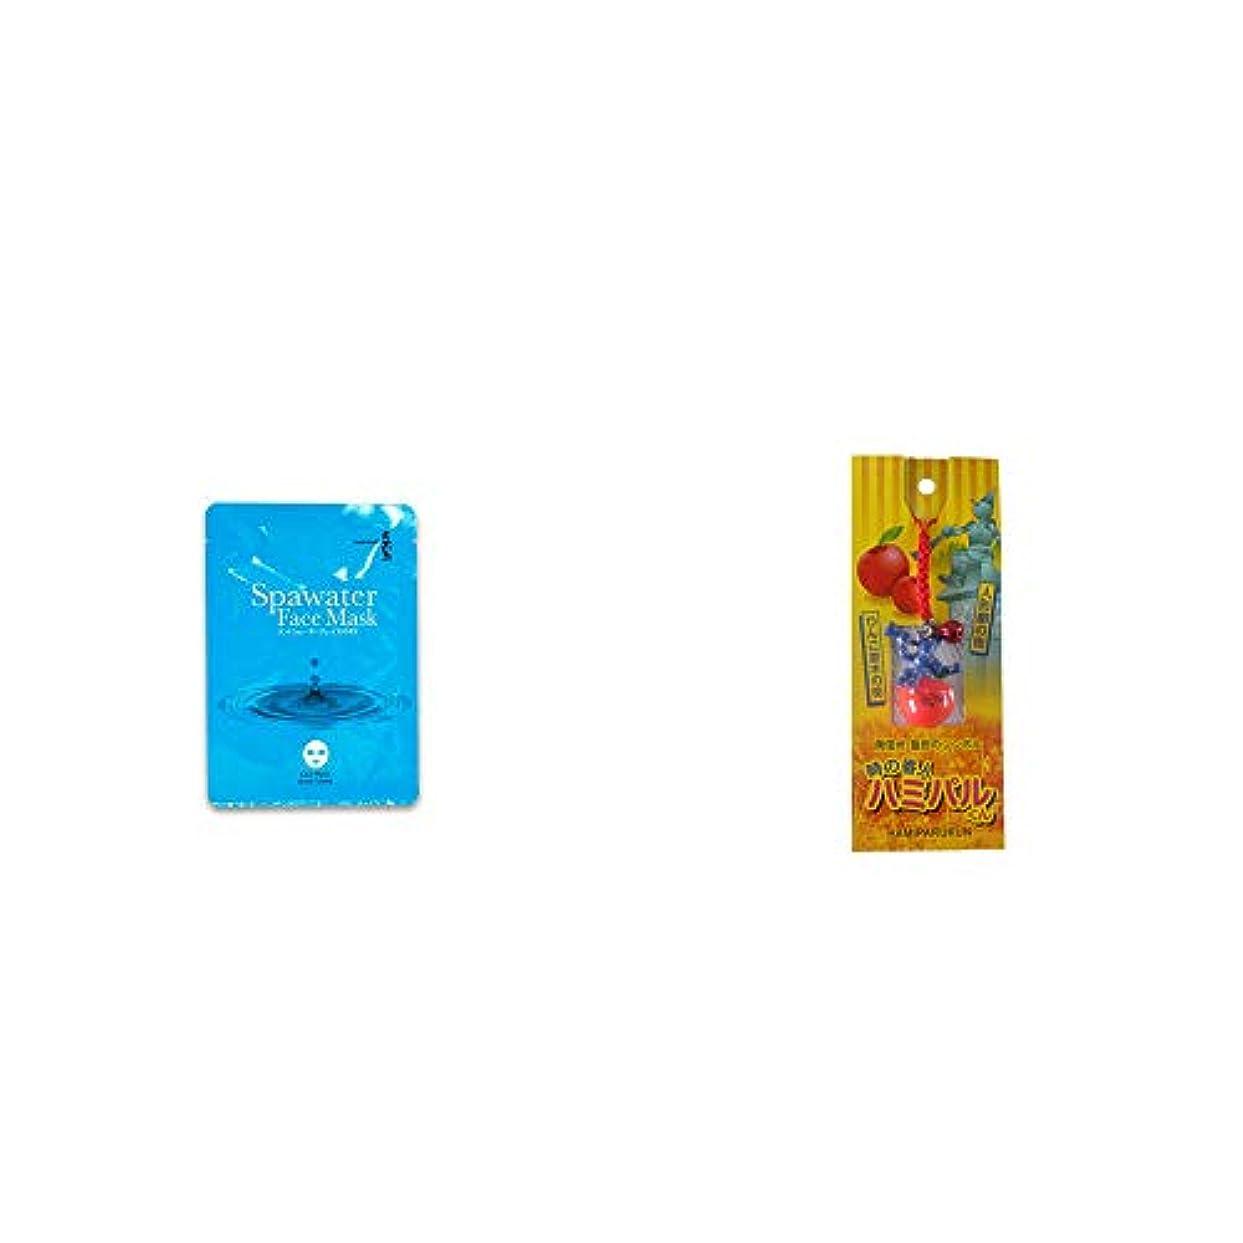 [2点セット] ひのき炭黒泉 スパウォーターフェイスマスク(18ml×3枚入)?信州?飯田のシンボル 時の番人ハミパルくんストラップ